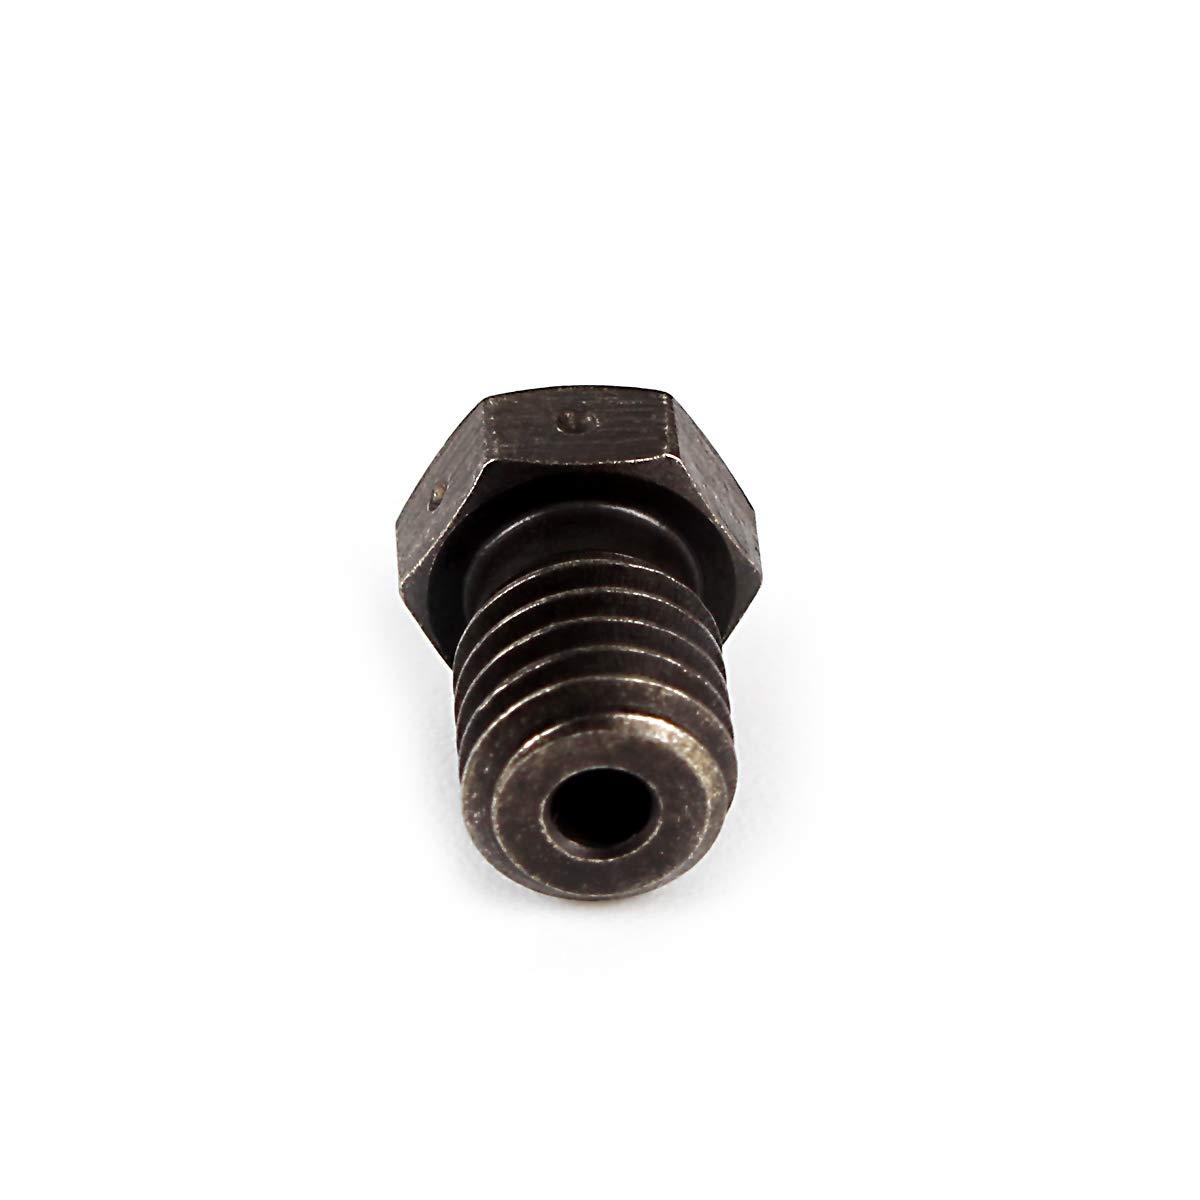 Lite6 Tita Aero HotEnds Prusa 3D-Druckerteile. BCZAMD 2-teilige V6-D/üsen aus geh/ärtetem Stahl 0,3 mm f/ür Hochtemperatur-Kohlefaser im Dunkeln leuchtende PLA-gef/üllte Filamente f/ür V6